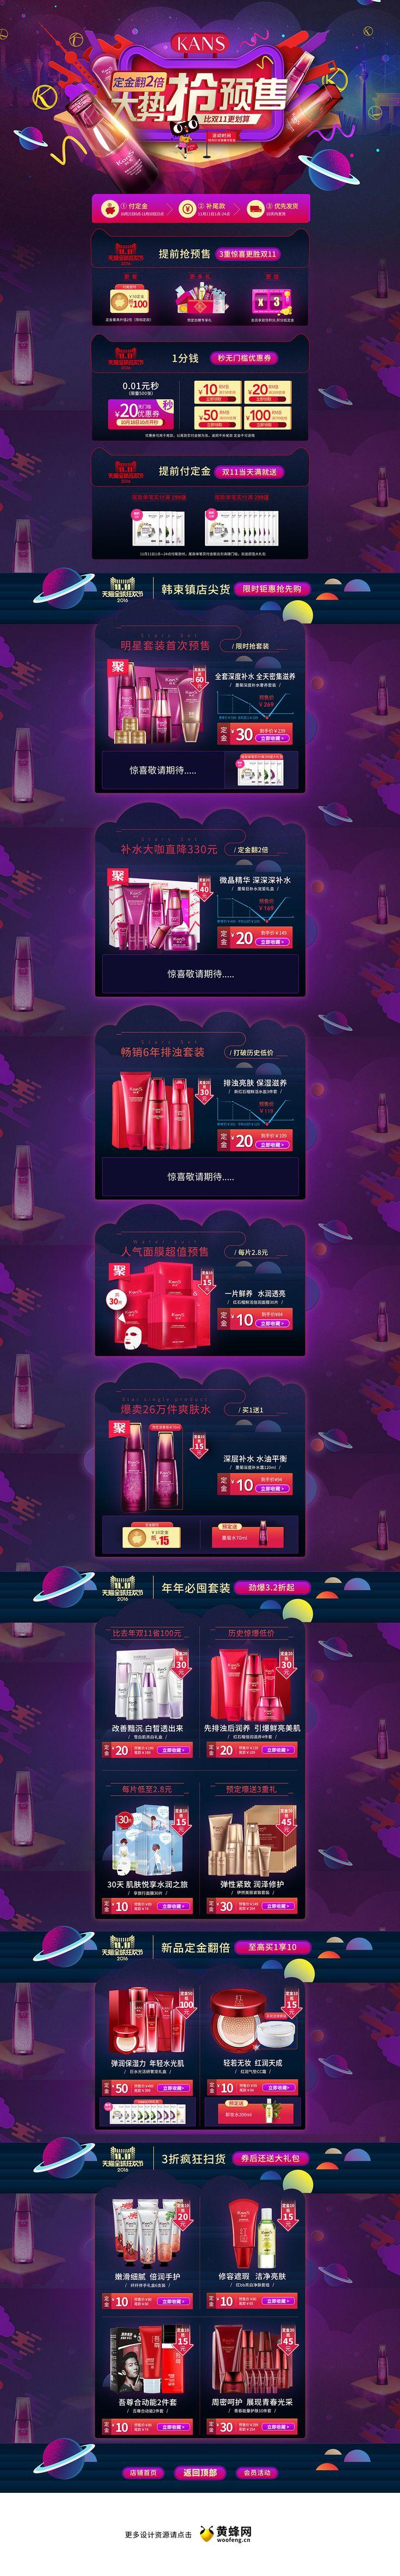 韩束美妆美容护肤化妆品双11预售双十一预售天猫店铺首页设计